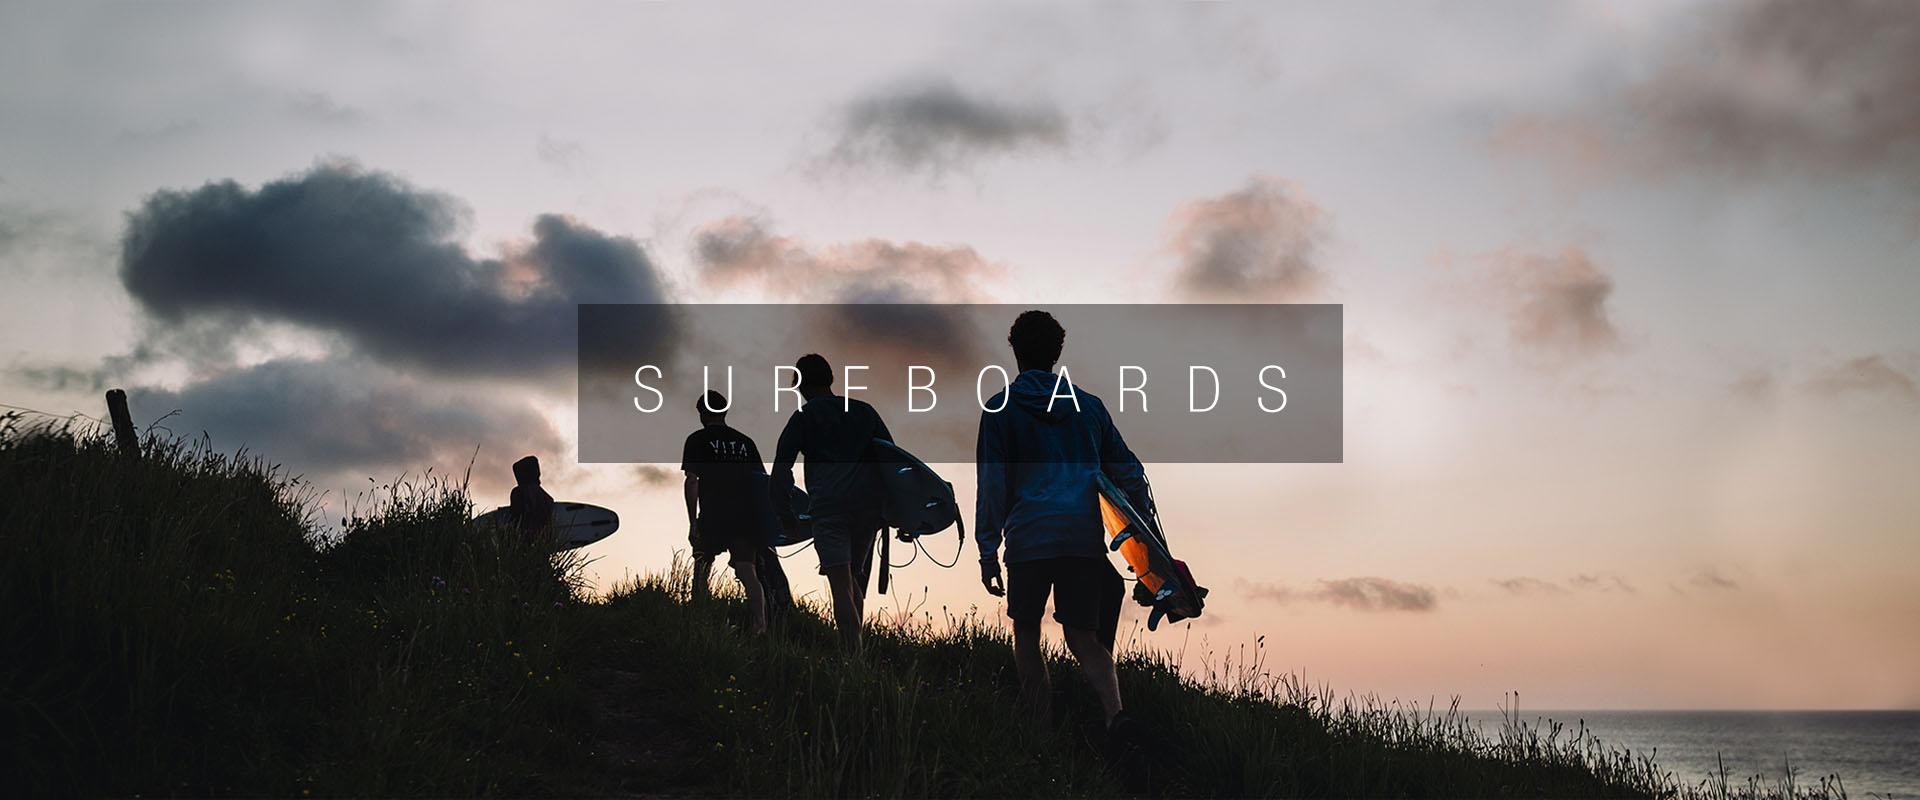 Vitasurfboards-slider 2